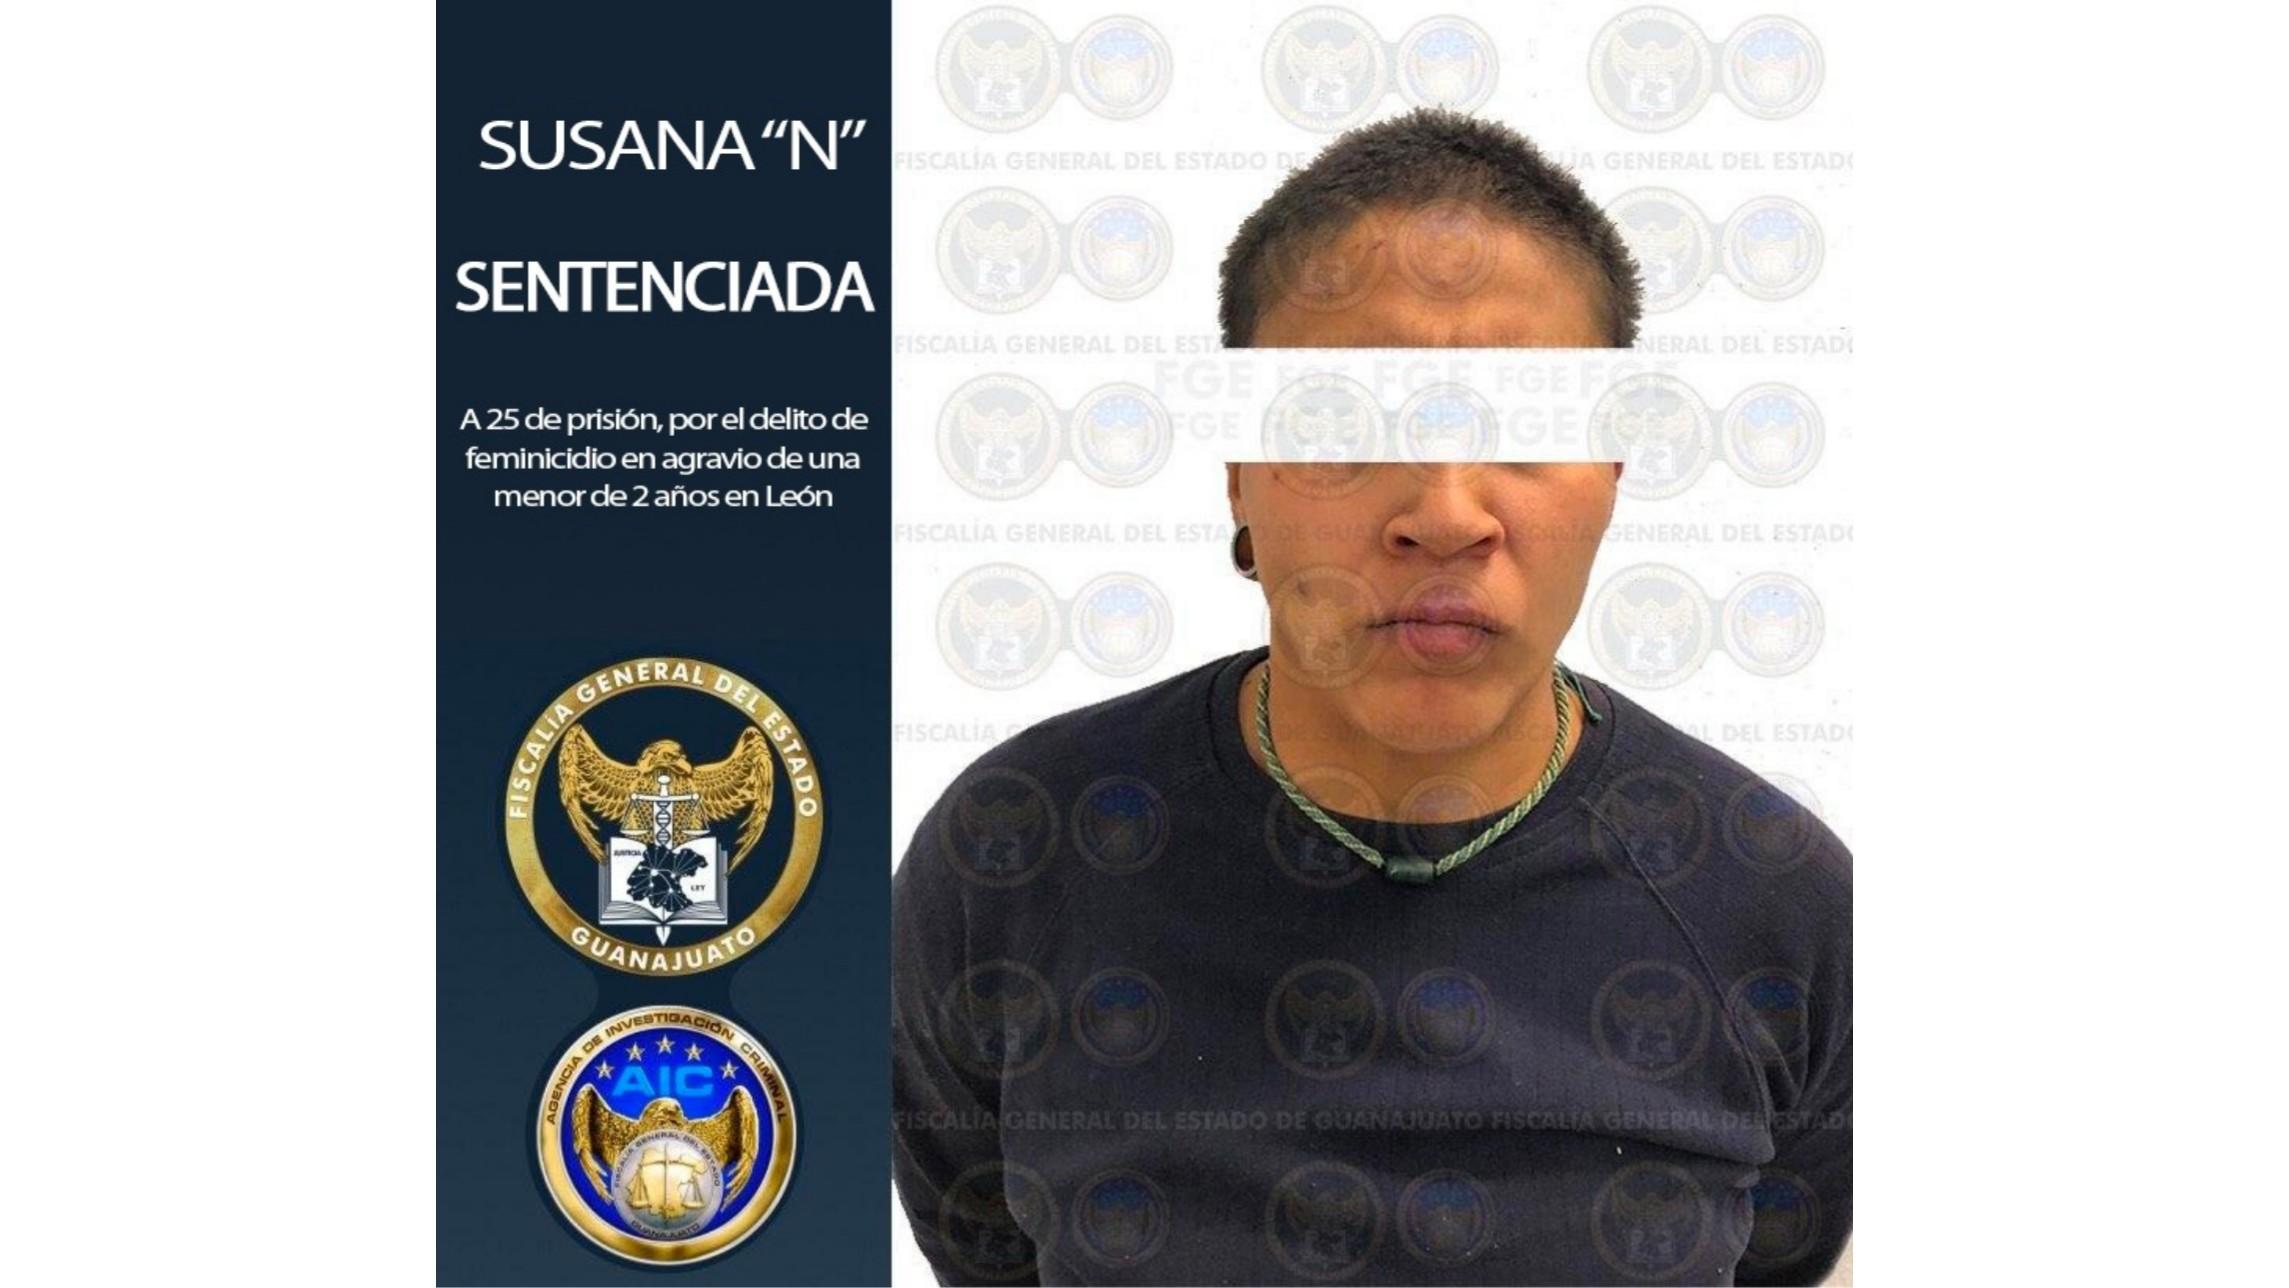 """FGE obtiene sentencia de 25 años en prisión para Susana """"N"""", al ser declarada culpable del feminicidio de su propia hija en León. 4"""